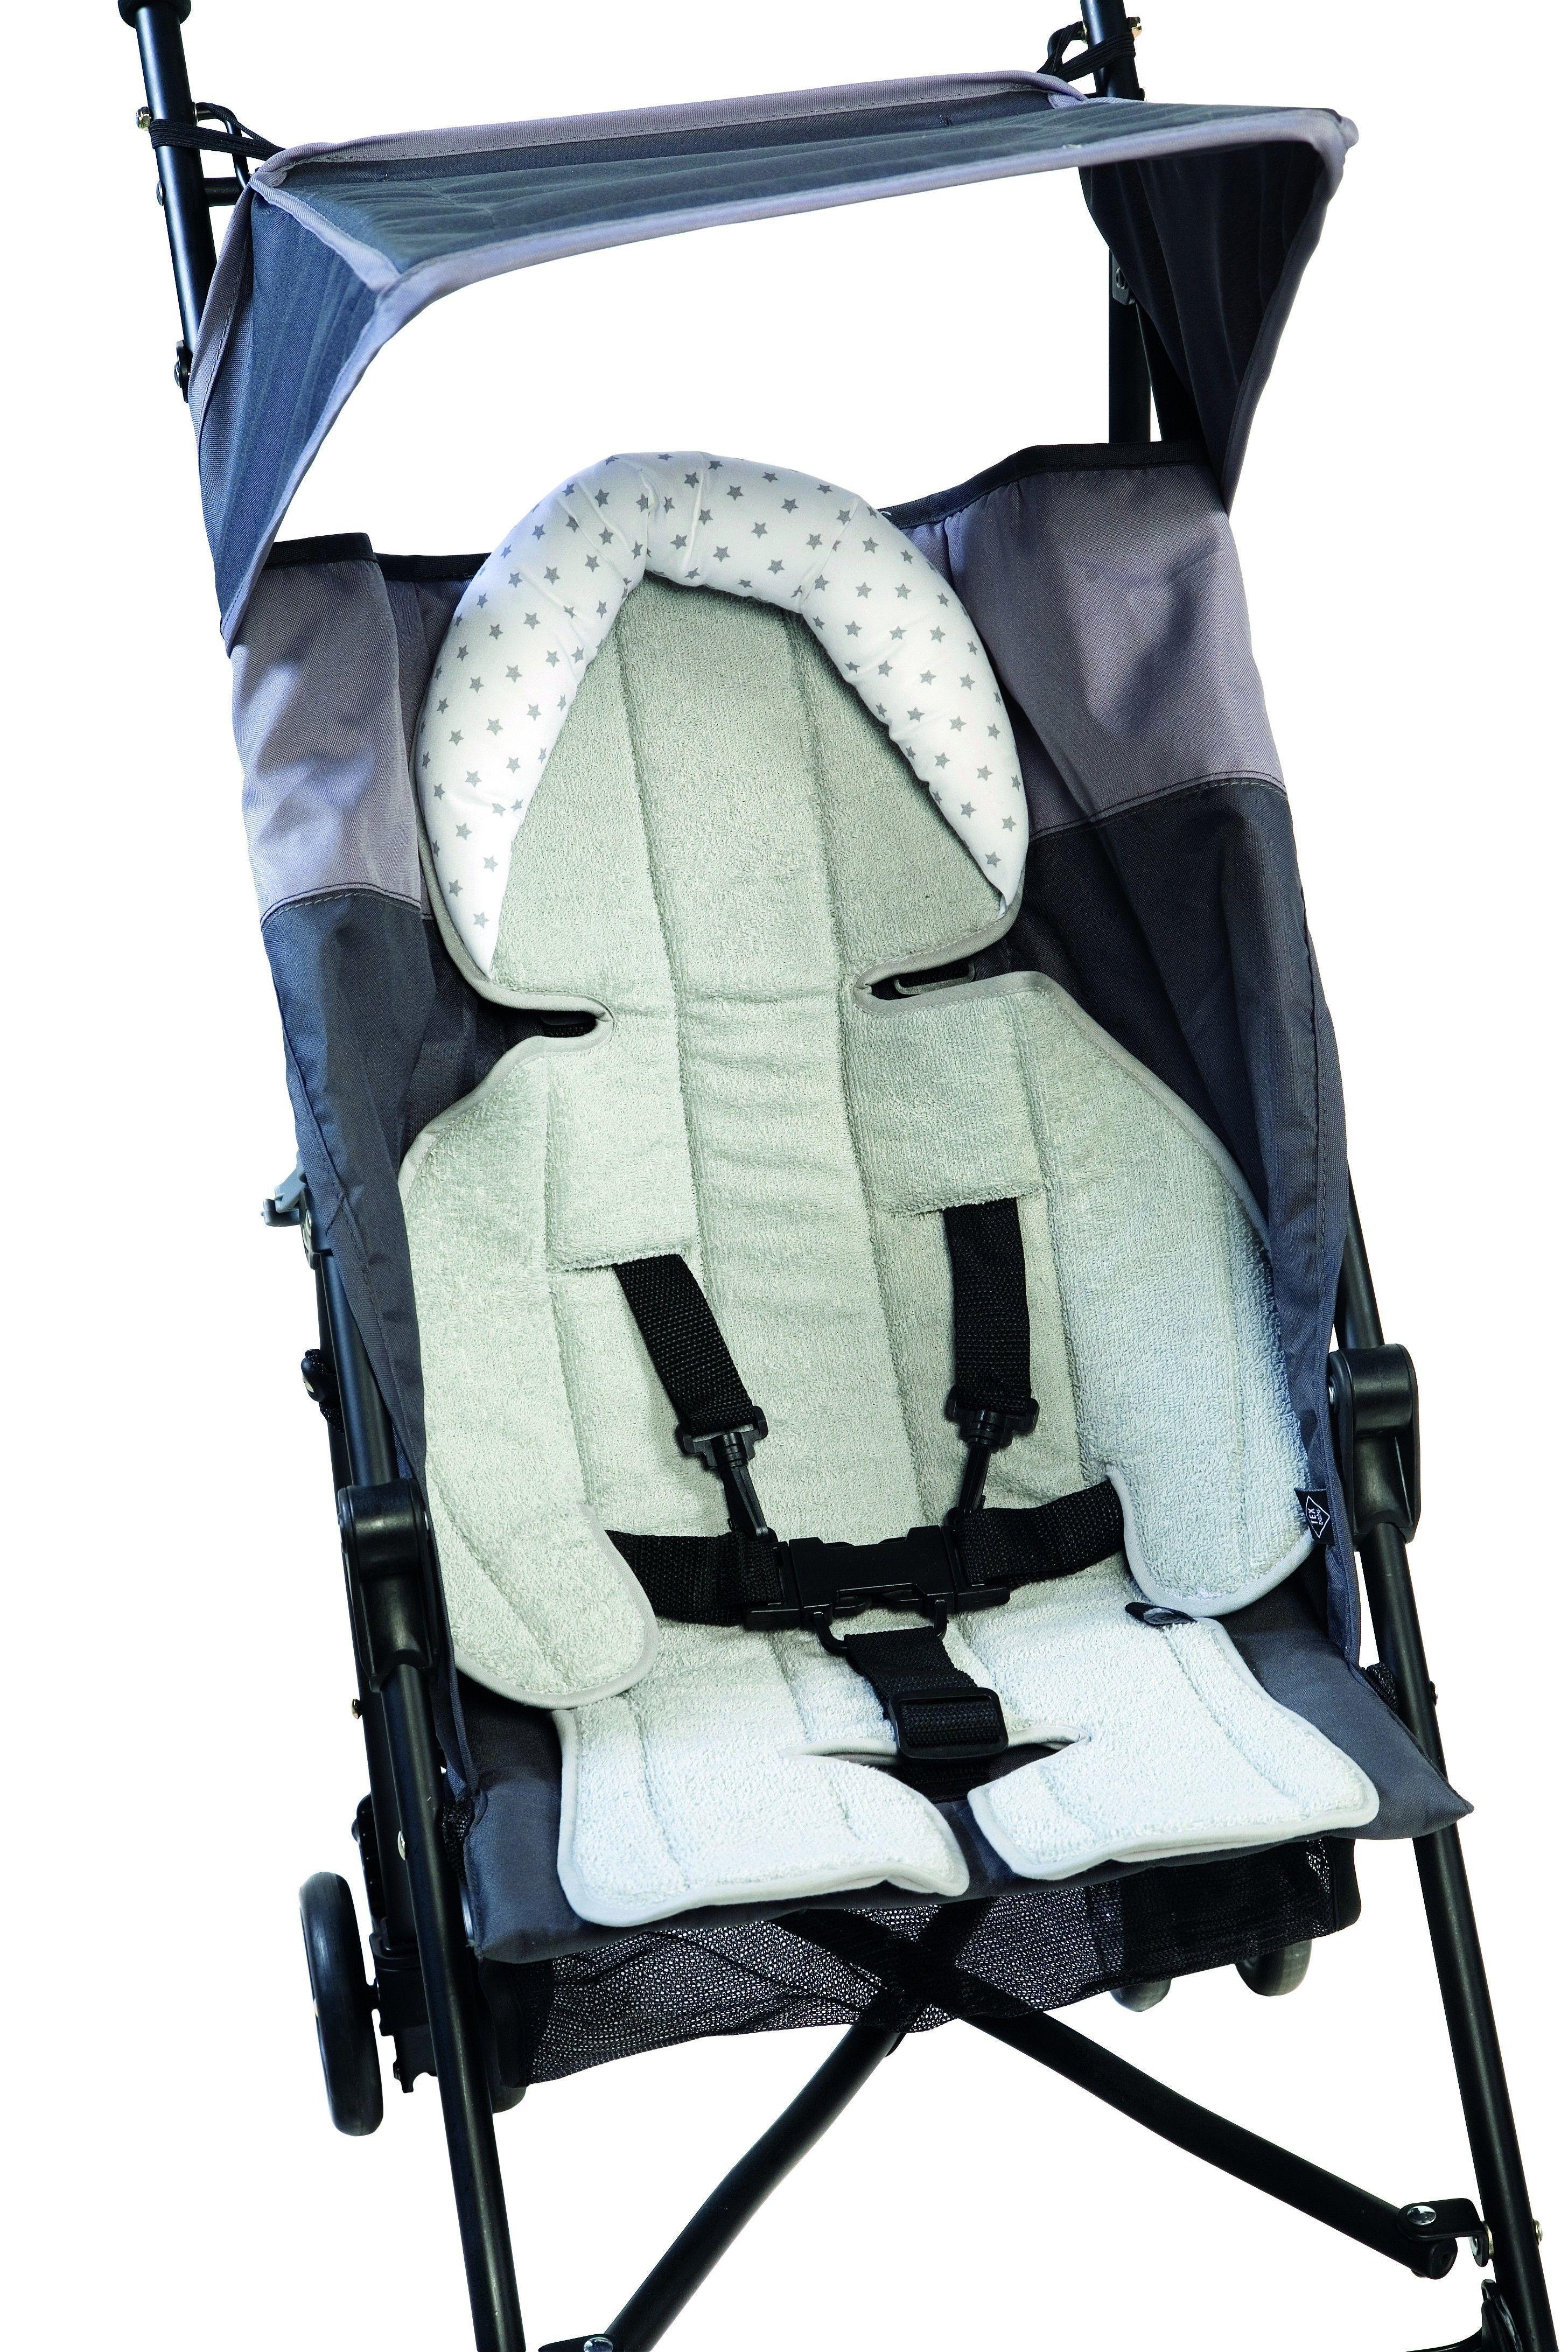 Matelas réducteur reversible pour poussettes et sièges-auto